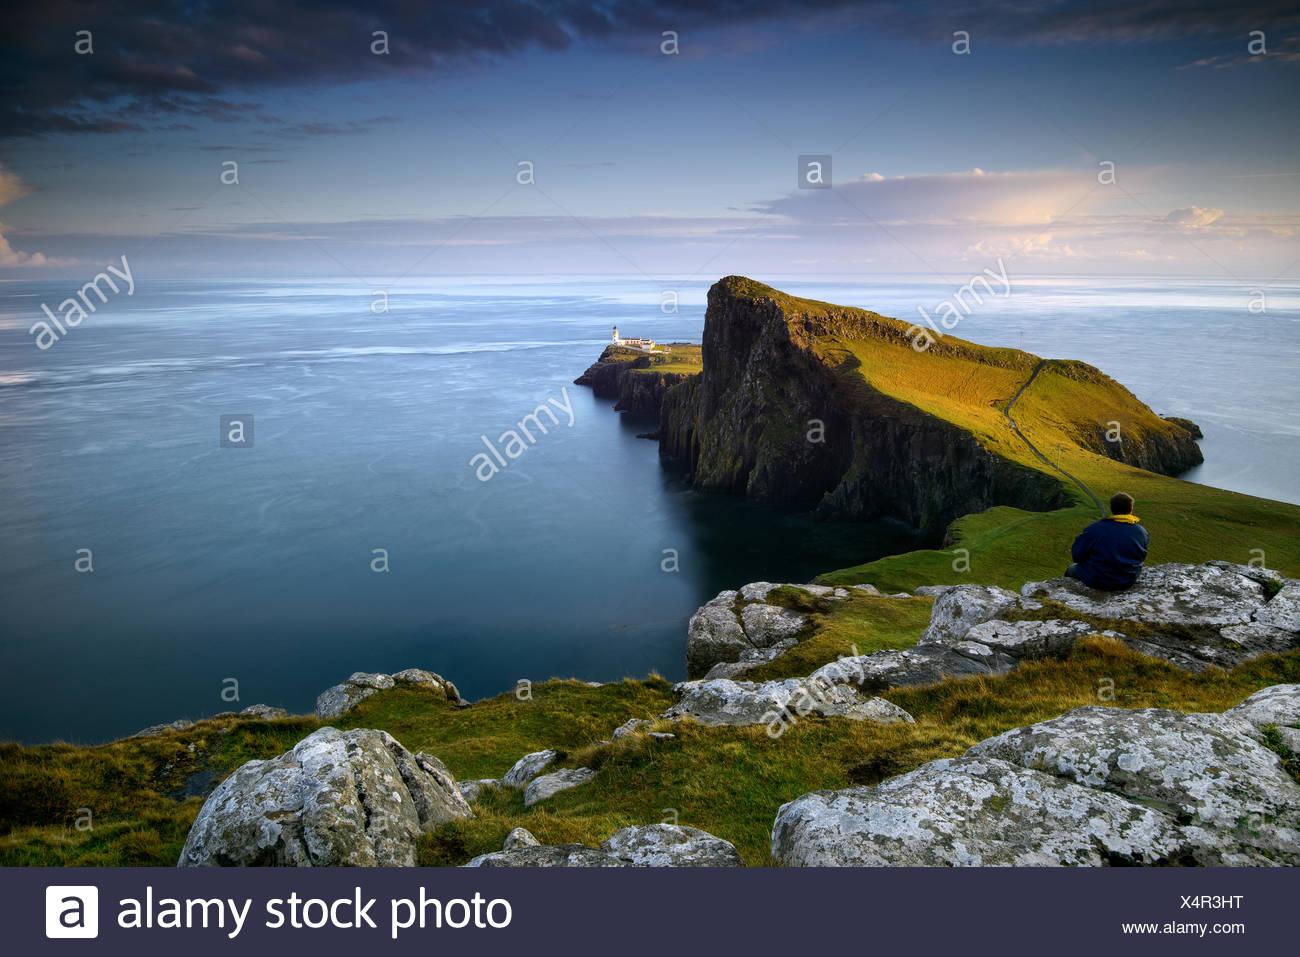 Mitte erwachsenen Mann sitzt auf einem Felsen, Blick auf das Meer in landschaftlich Point, Schottland Stockbild